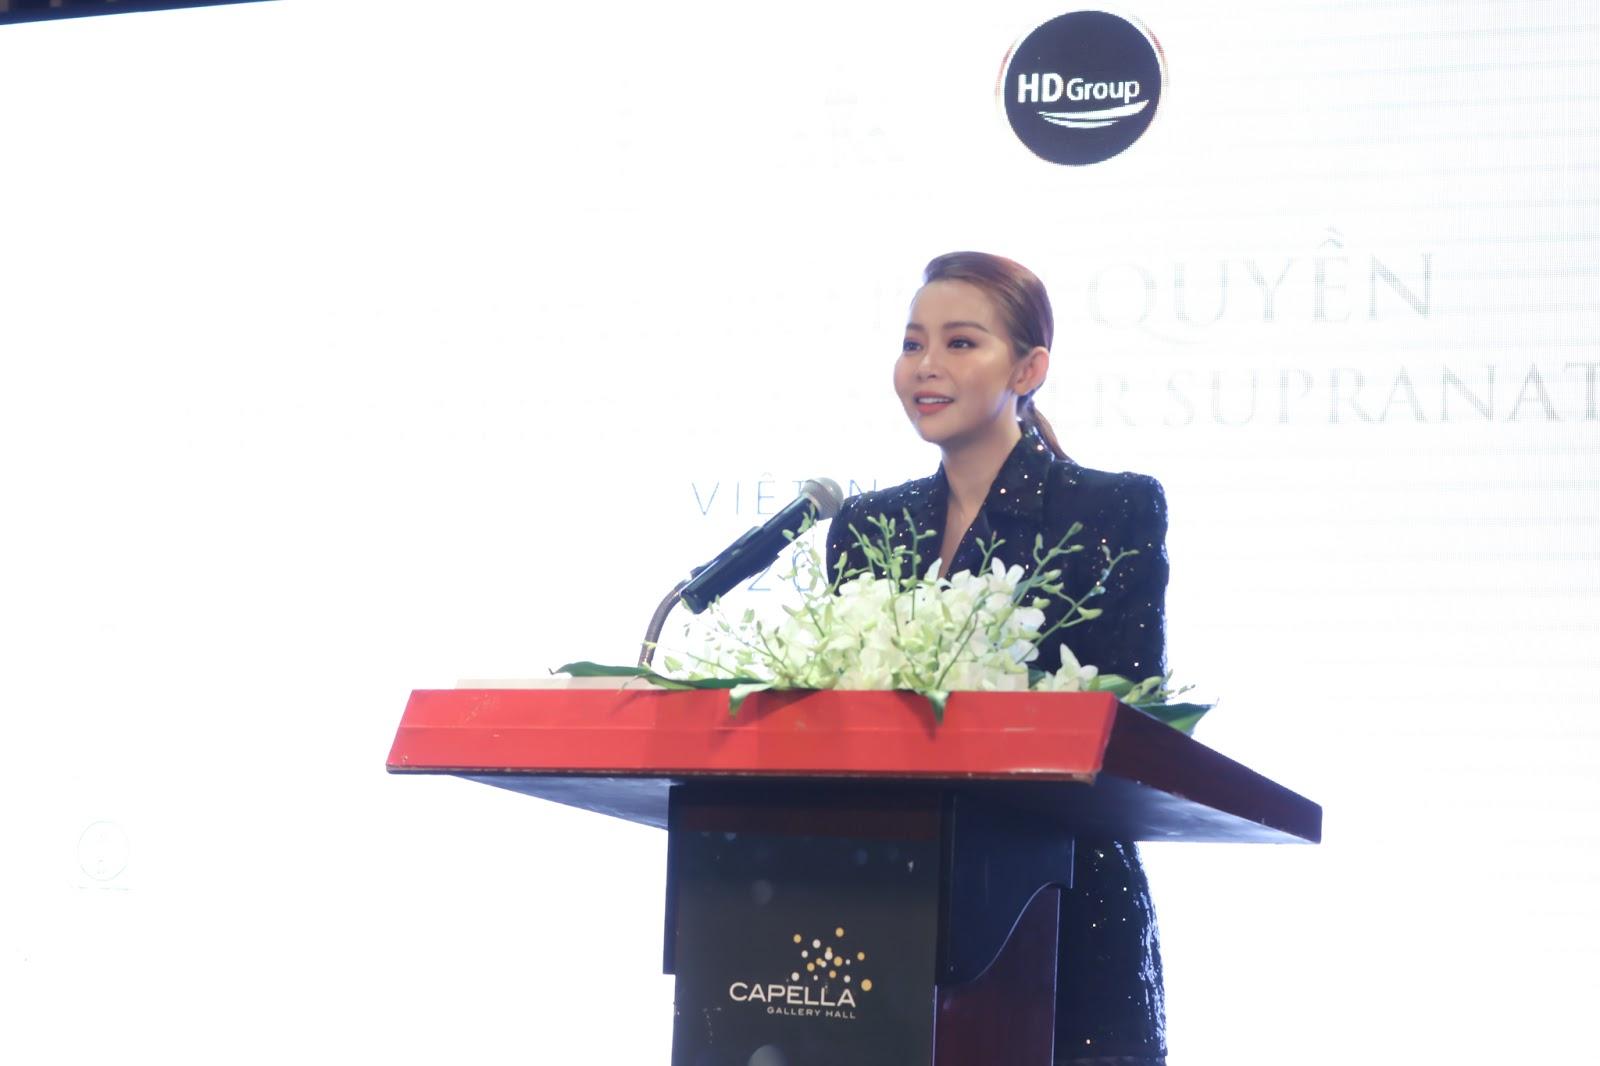 Hoa hậu Hải Dương chính thức nắm bản quyền Miss Supranational và Mister Supranational tại Việt Nam - Hình 6